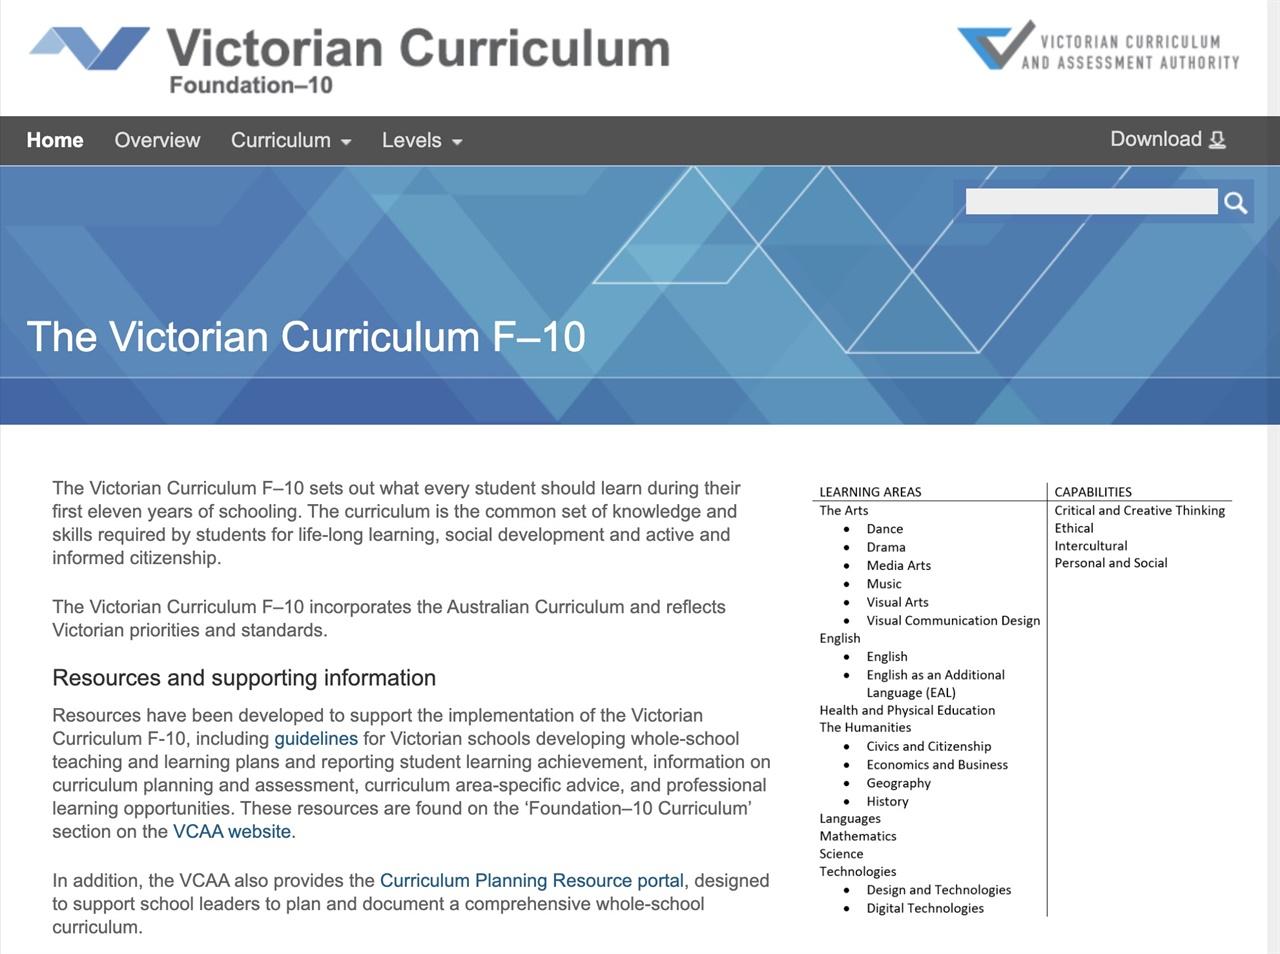 빅토리아주의 교육과정을 담은 사이트 교사는 물론 일반인도 이 사이트를 읽어보면, 호주의 교육과정에 대한 전반적인 이해가 가능하다.